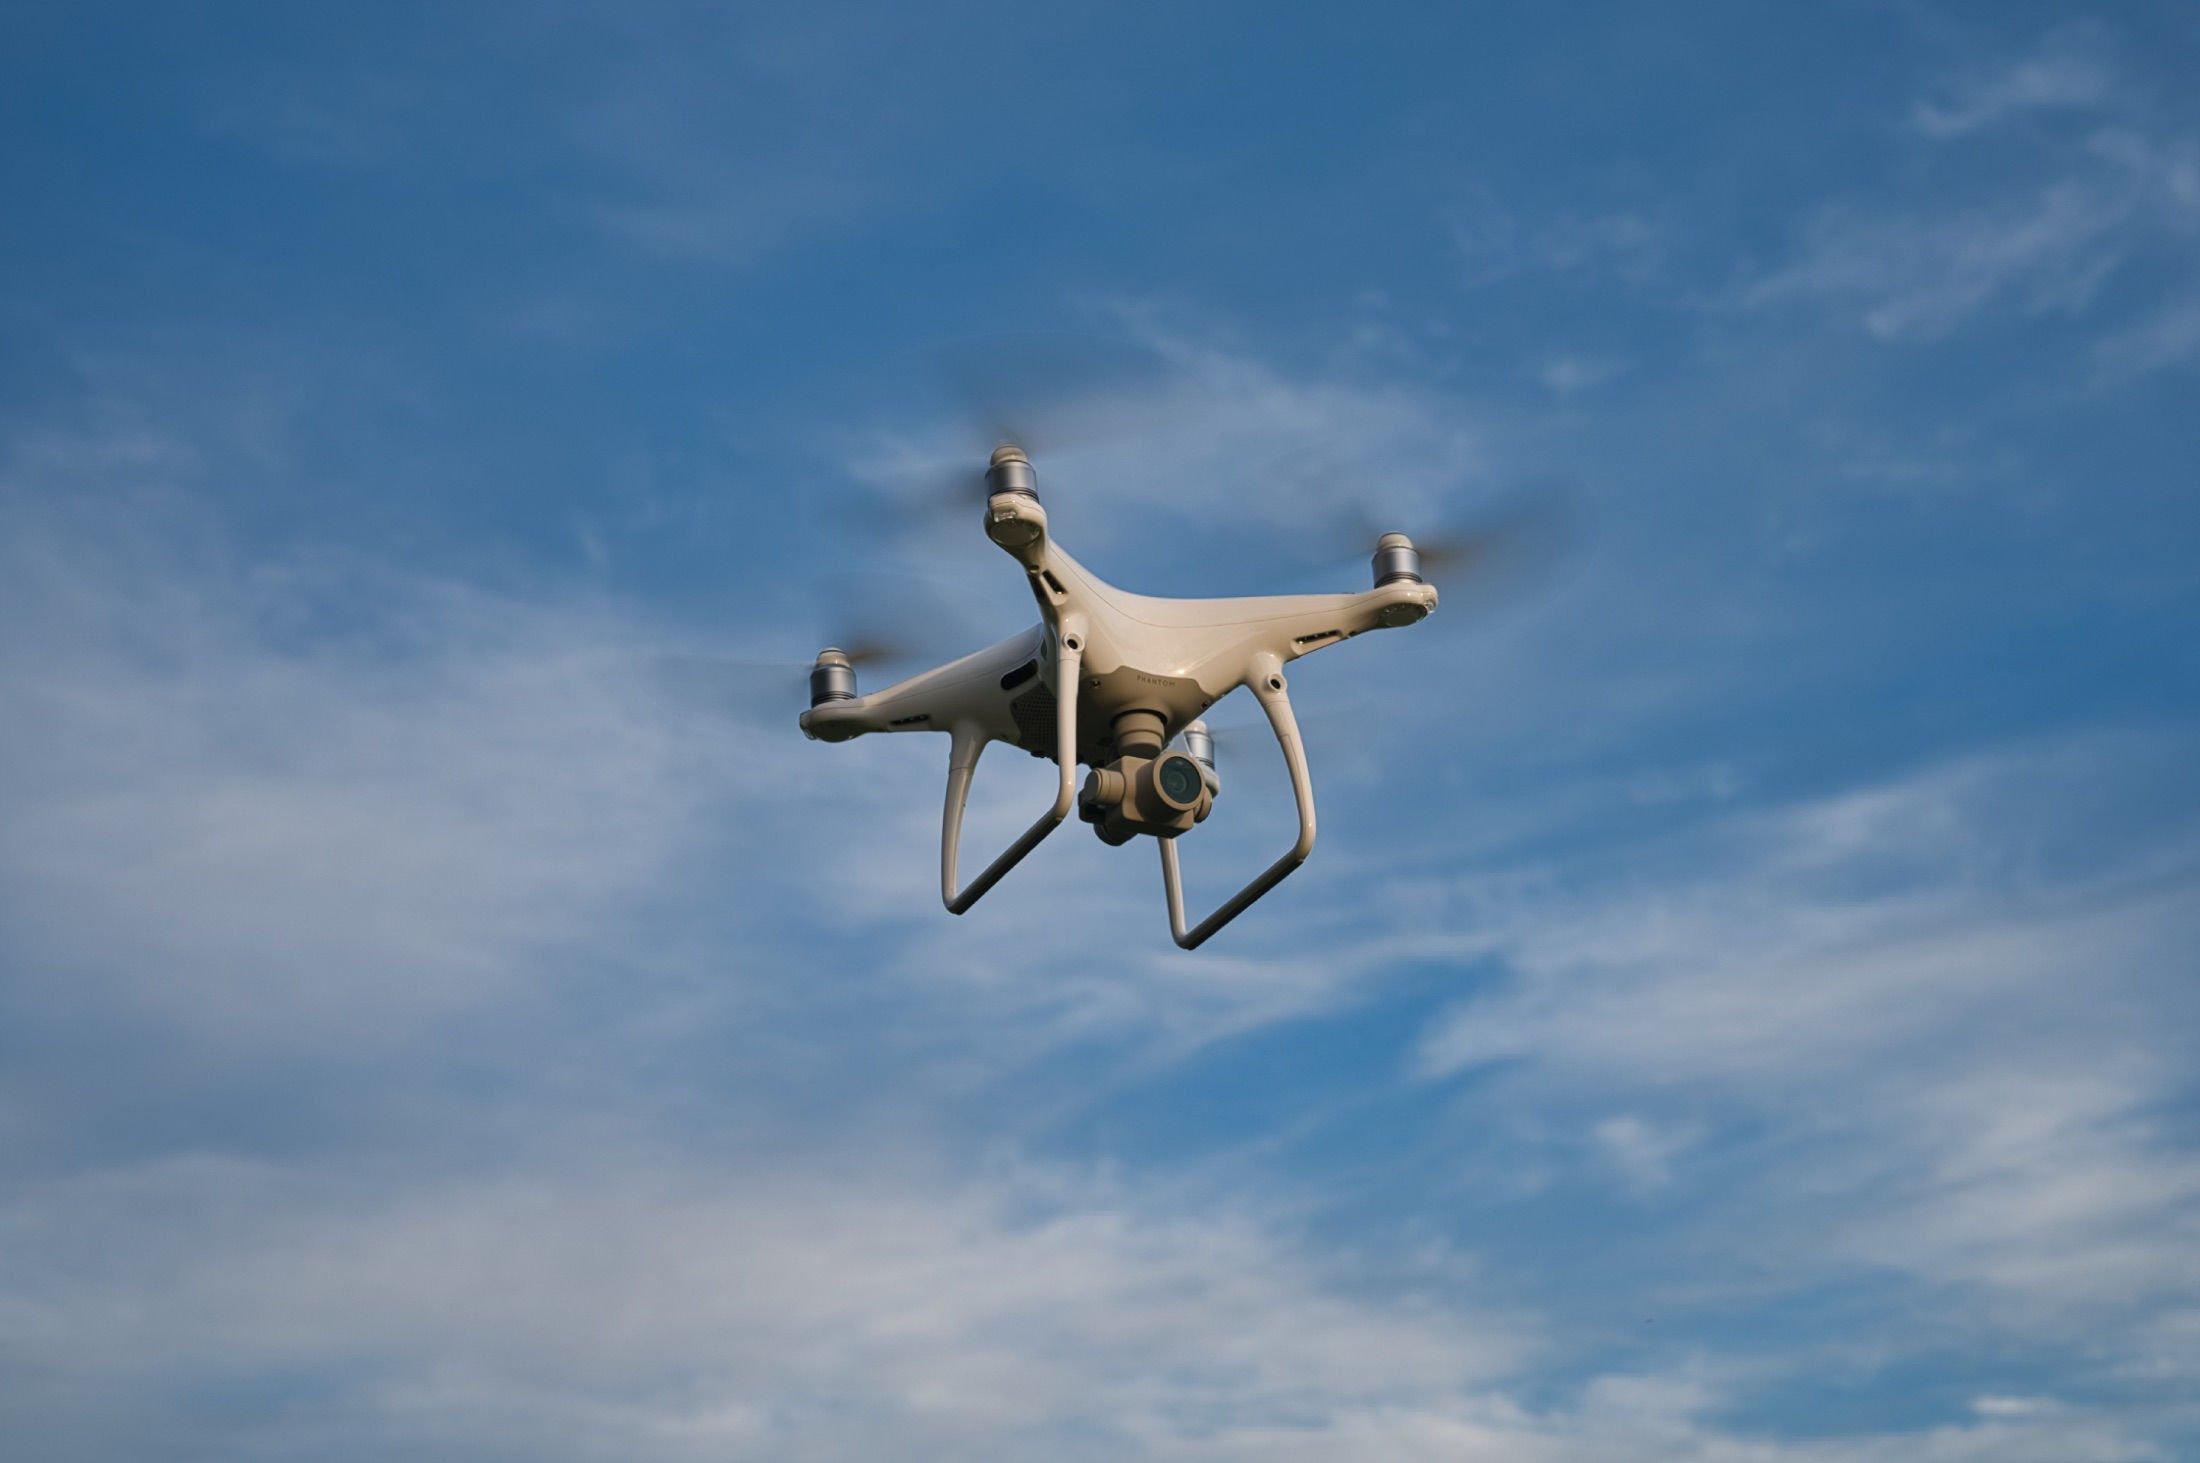 DJI P4P V2.0 Drohne im Anflug